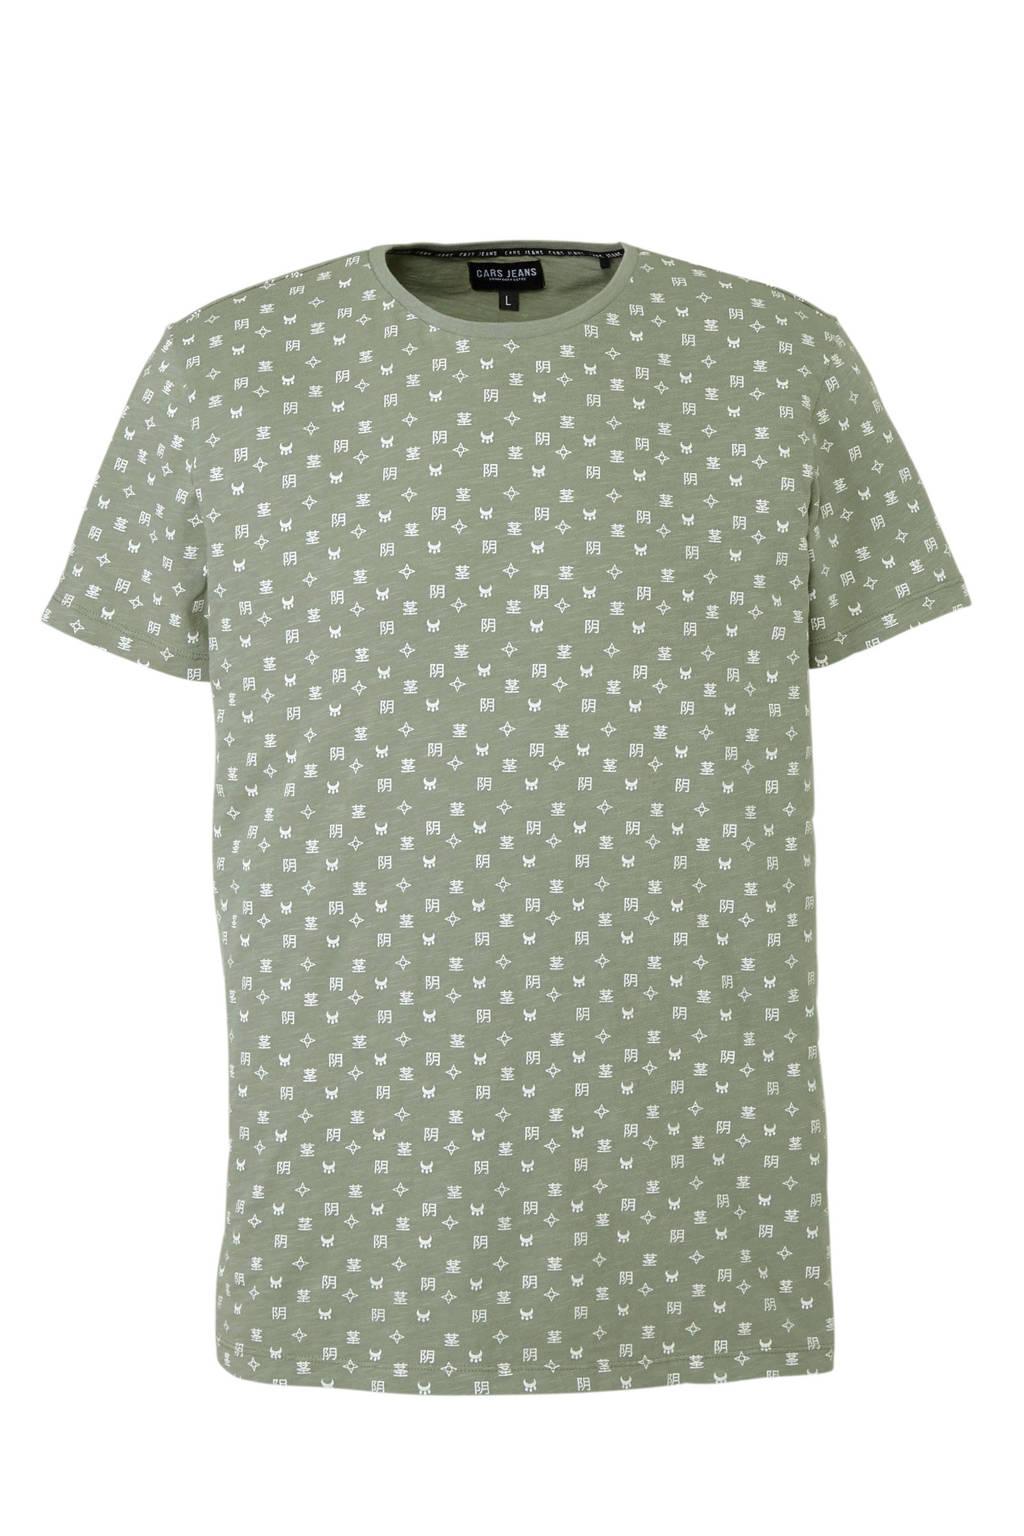 Cars T-shirt, Groen/wit